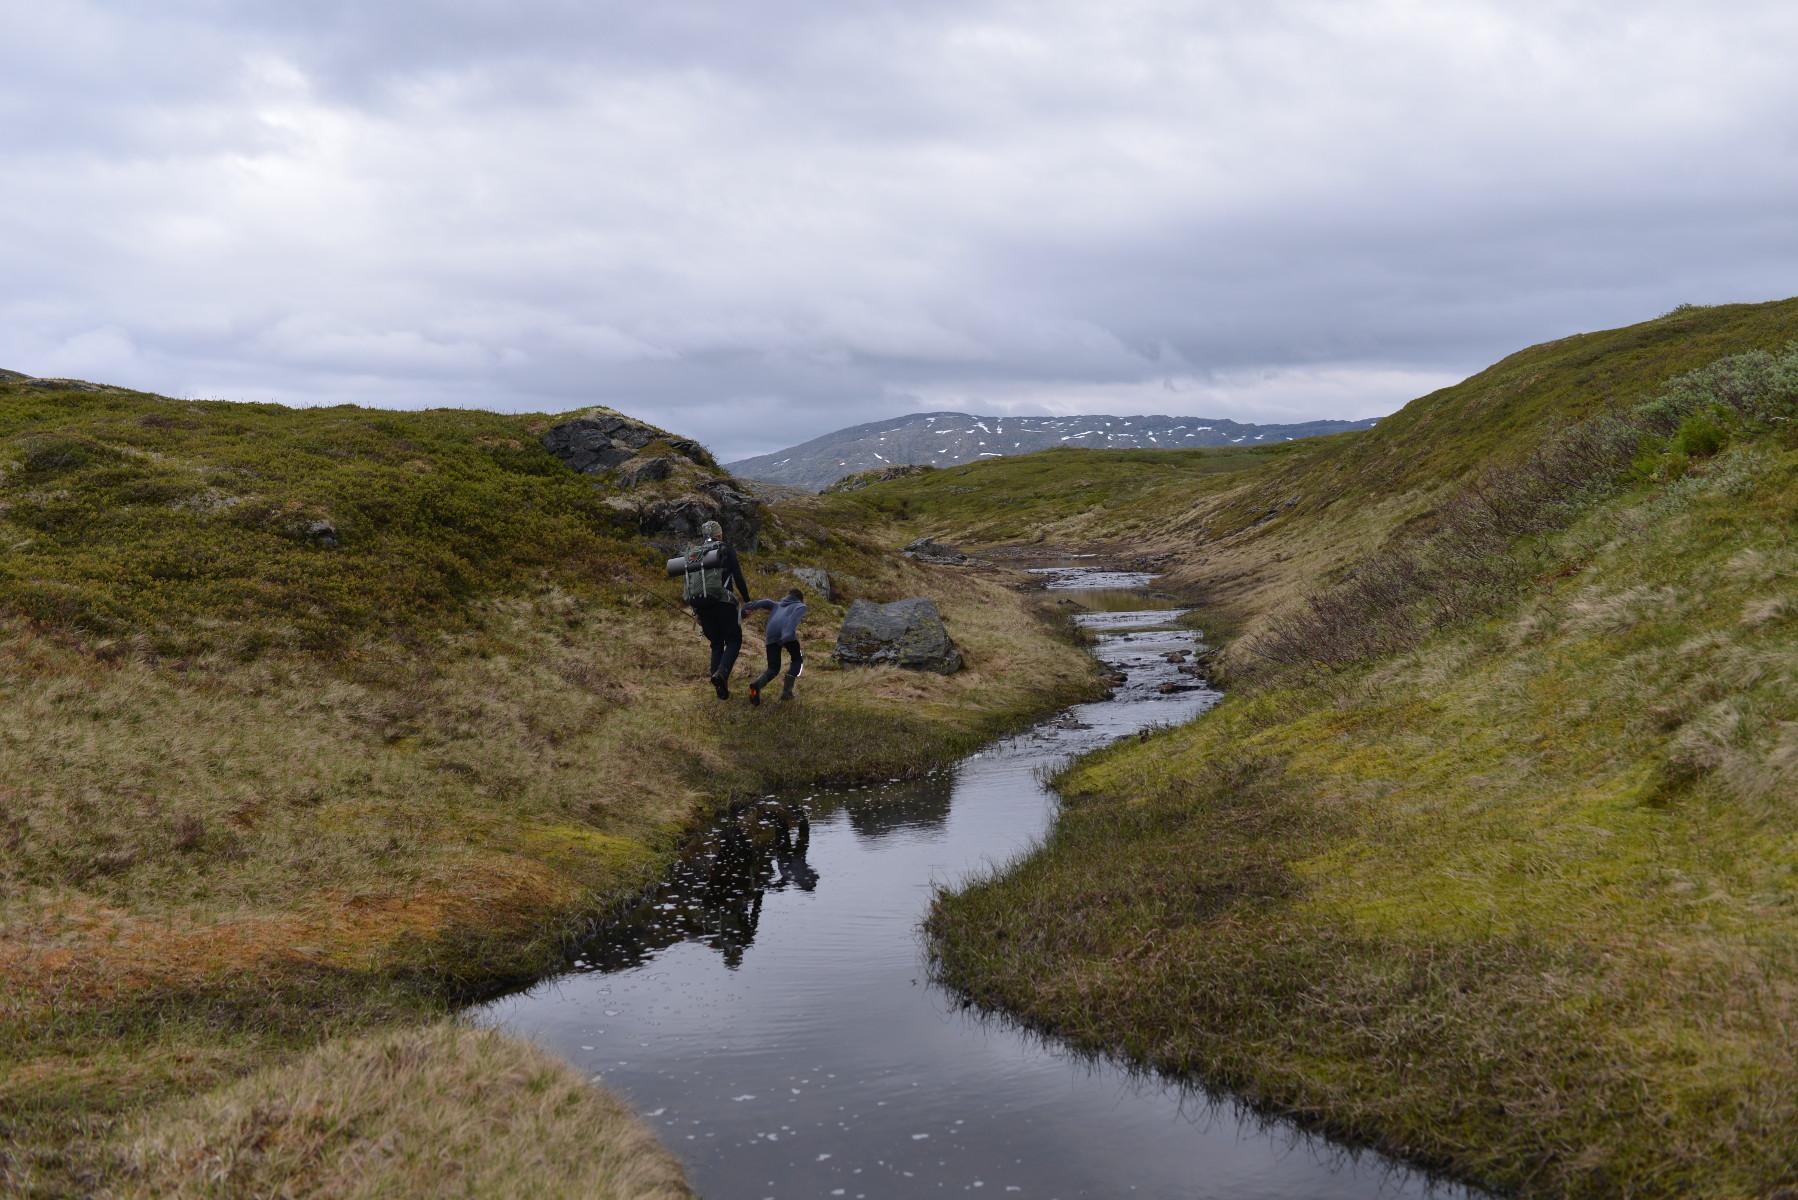 Fra Langøydalen i juni. Fotograf: Kaj Fredrik Johansen